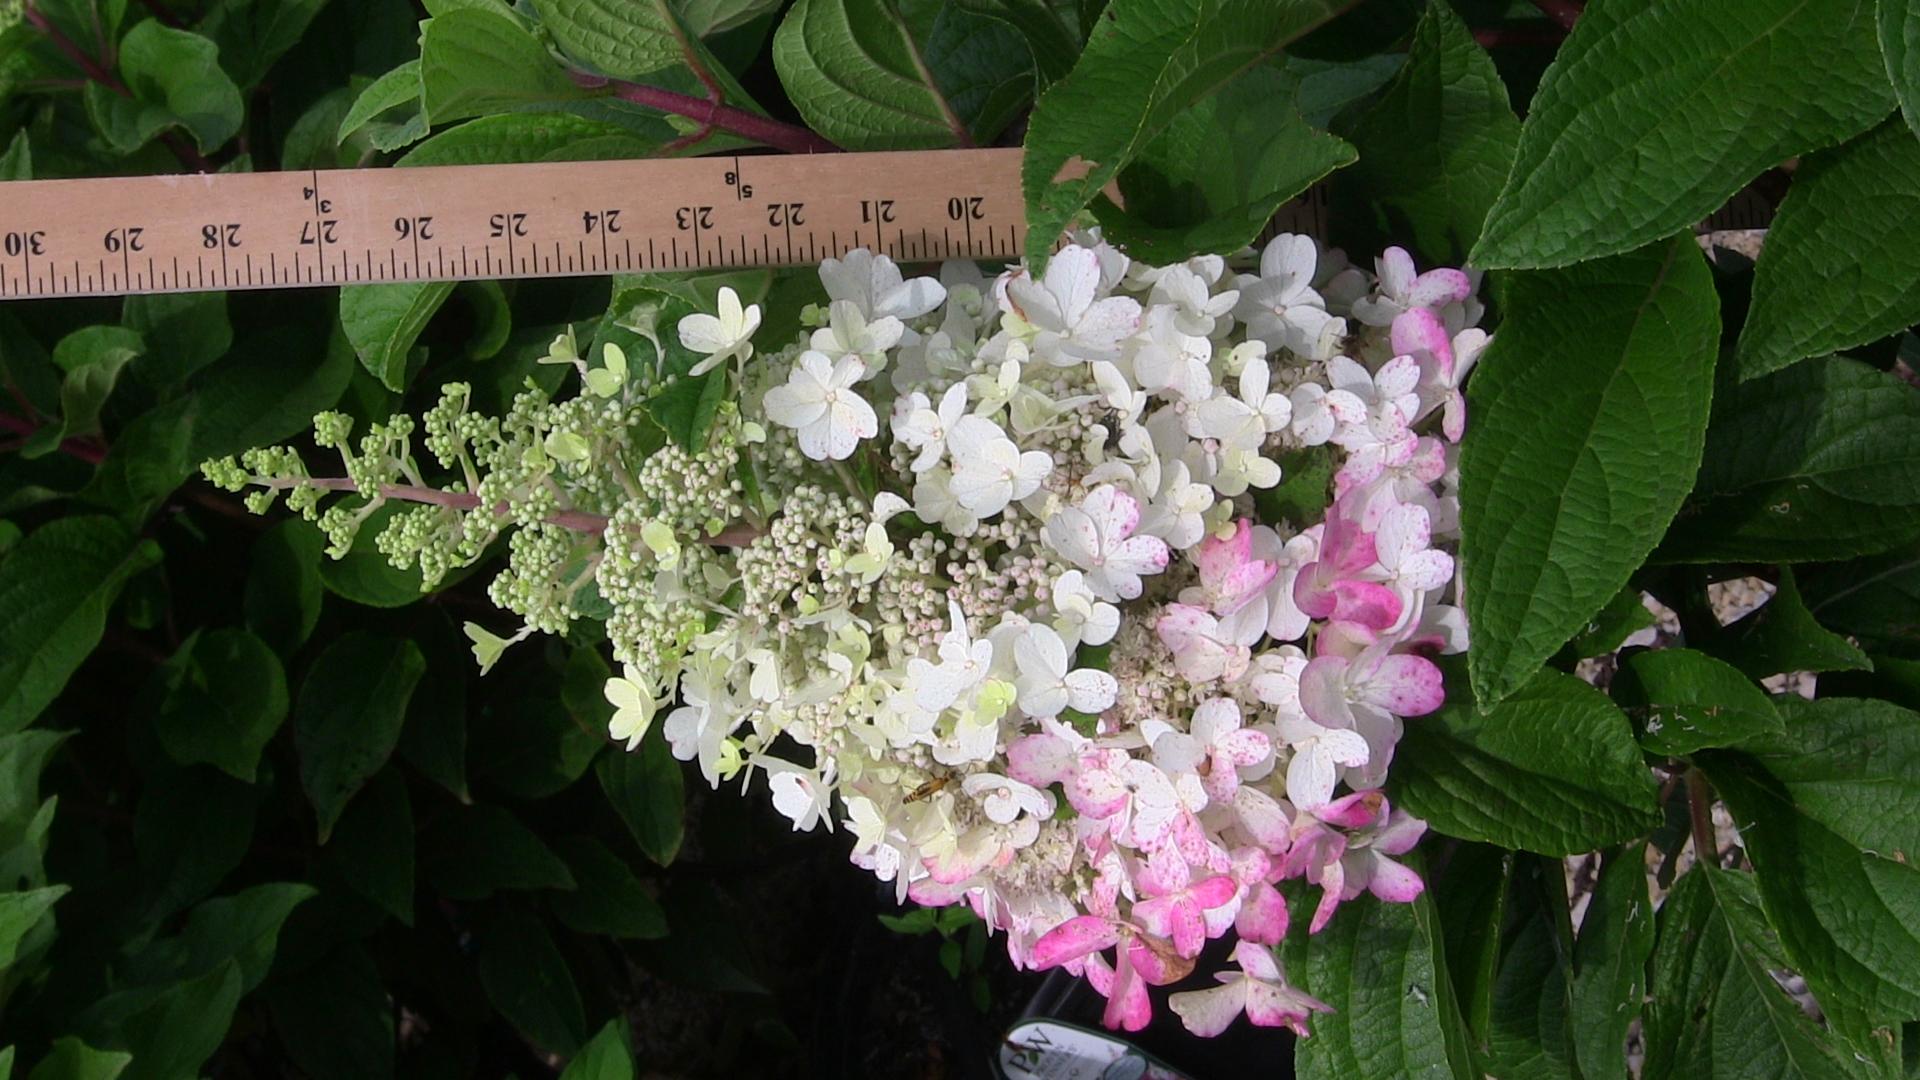 hydrangea-pinky-winky-flower